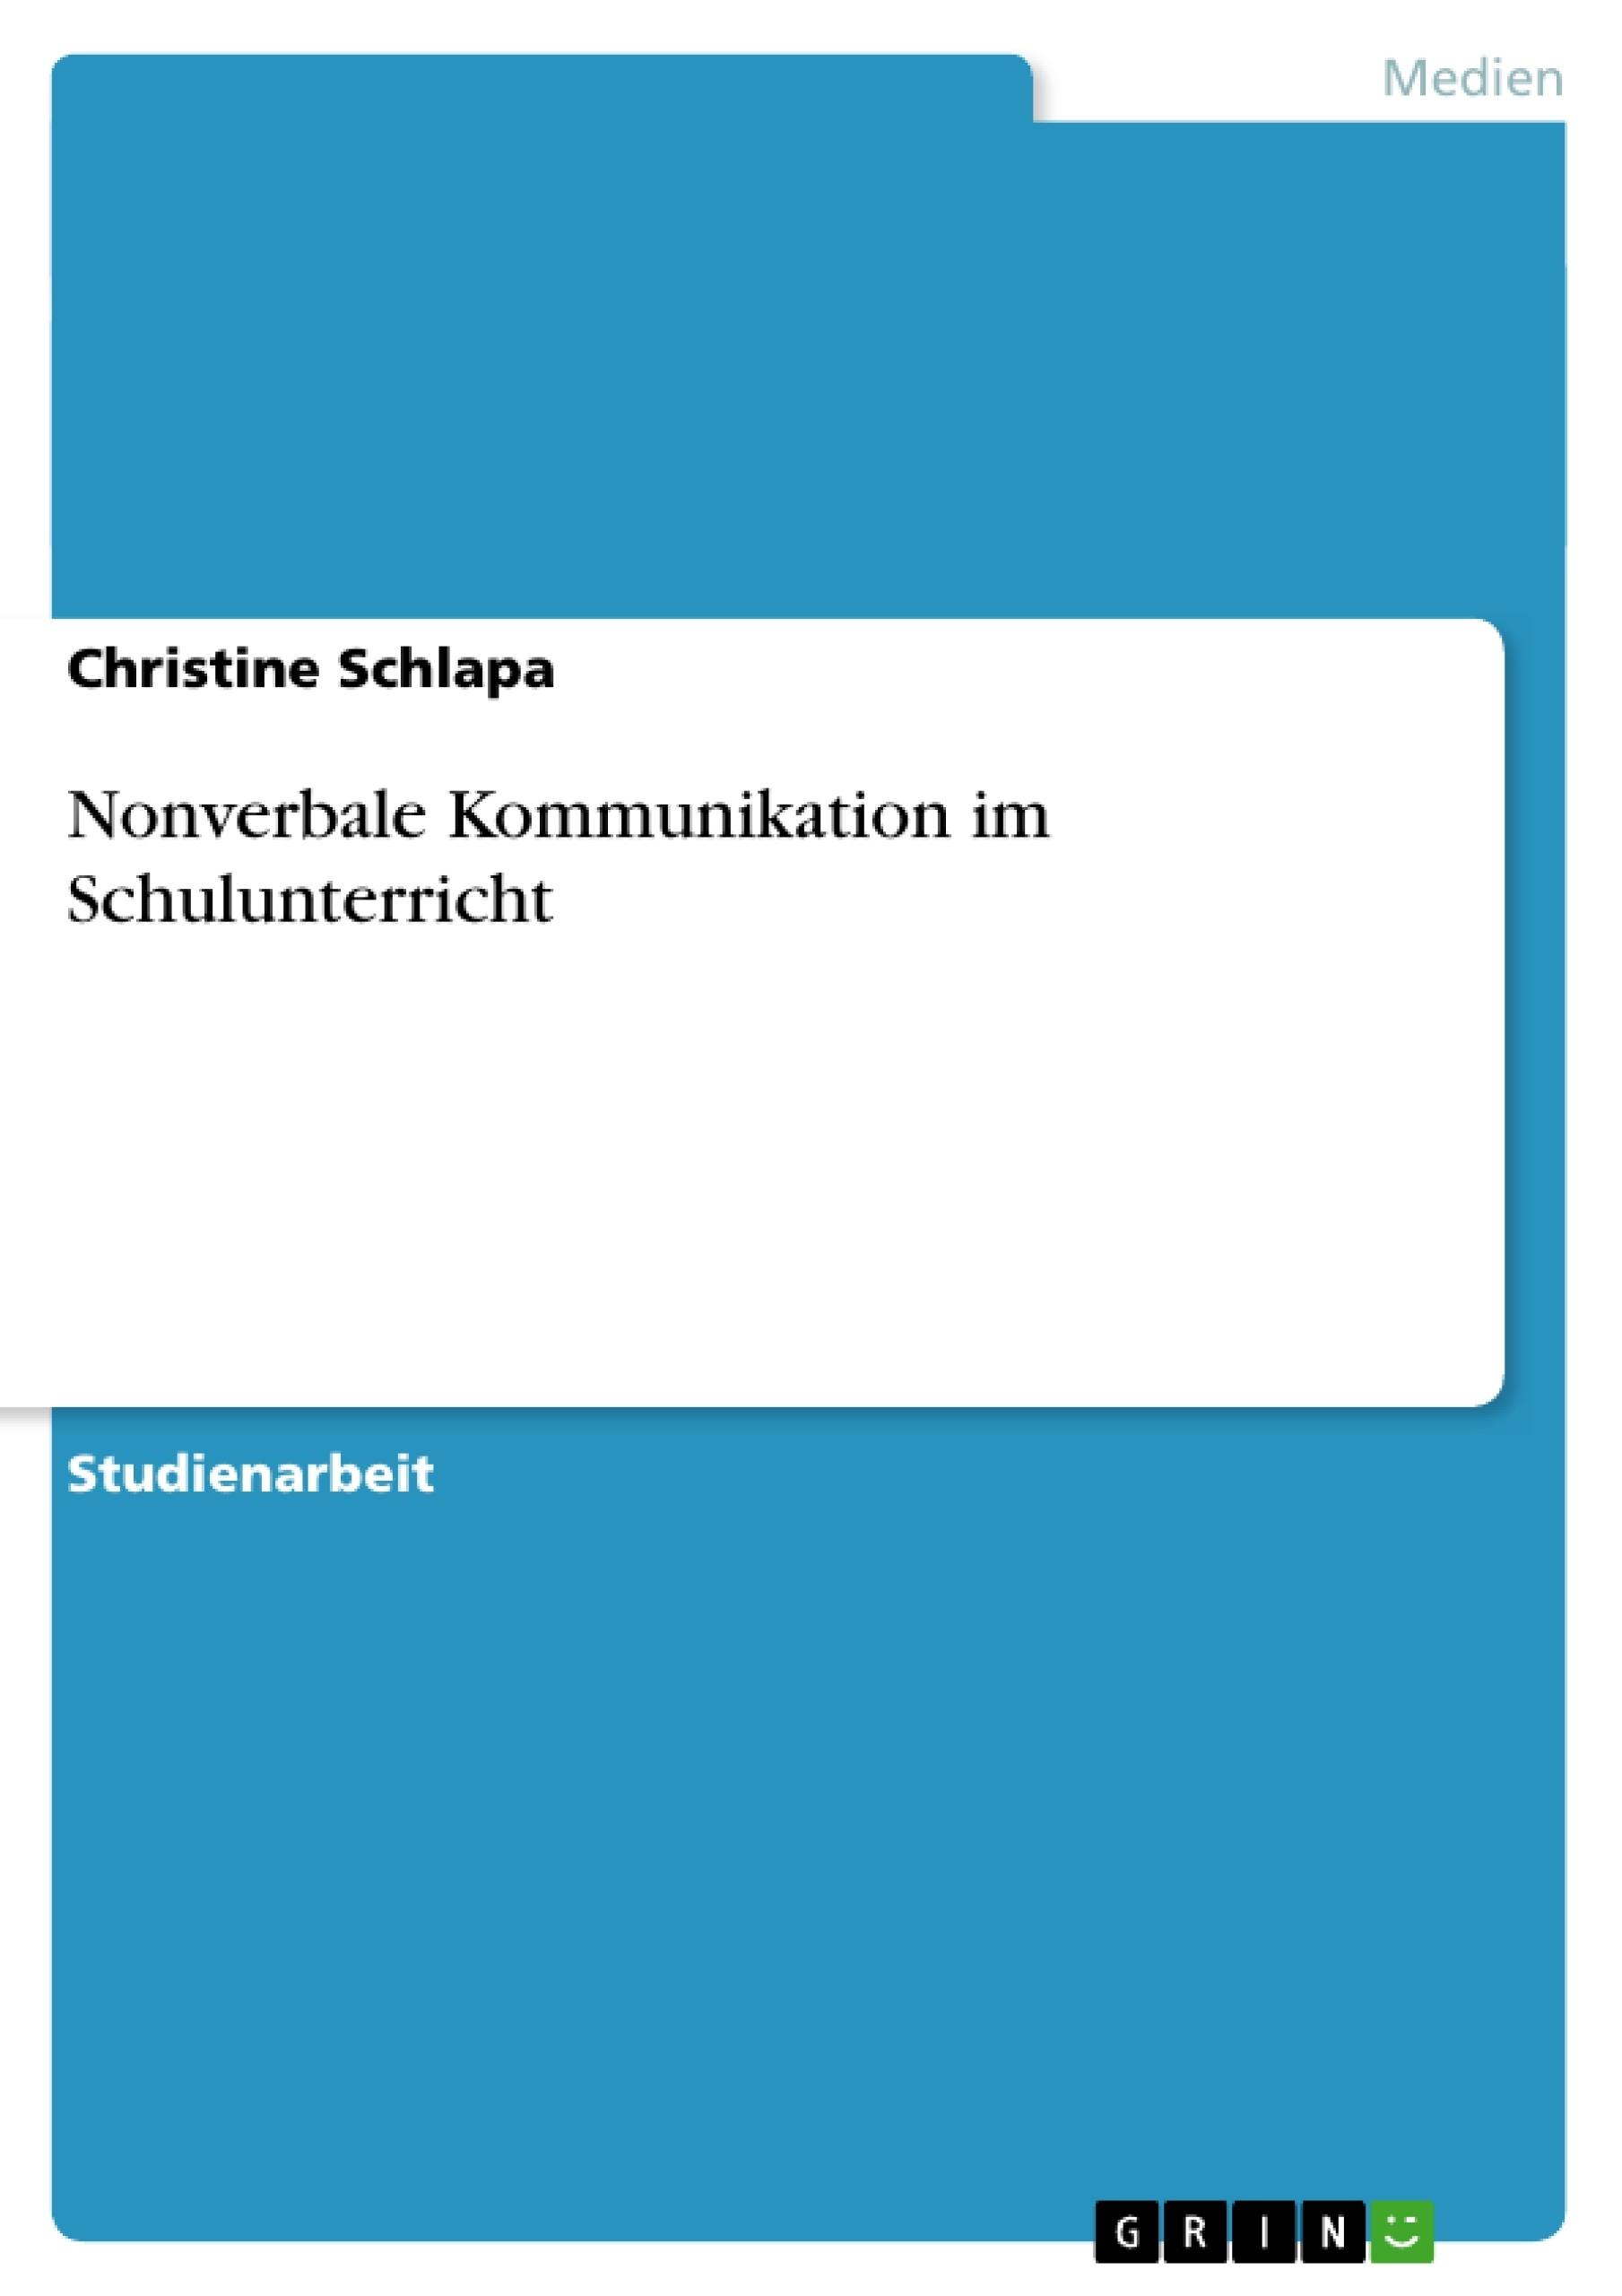 Titel: Nonverbale Kommunikation im Schulunterricht